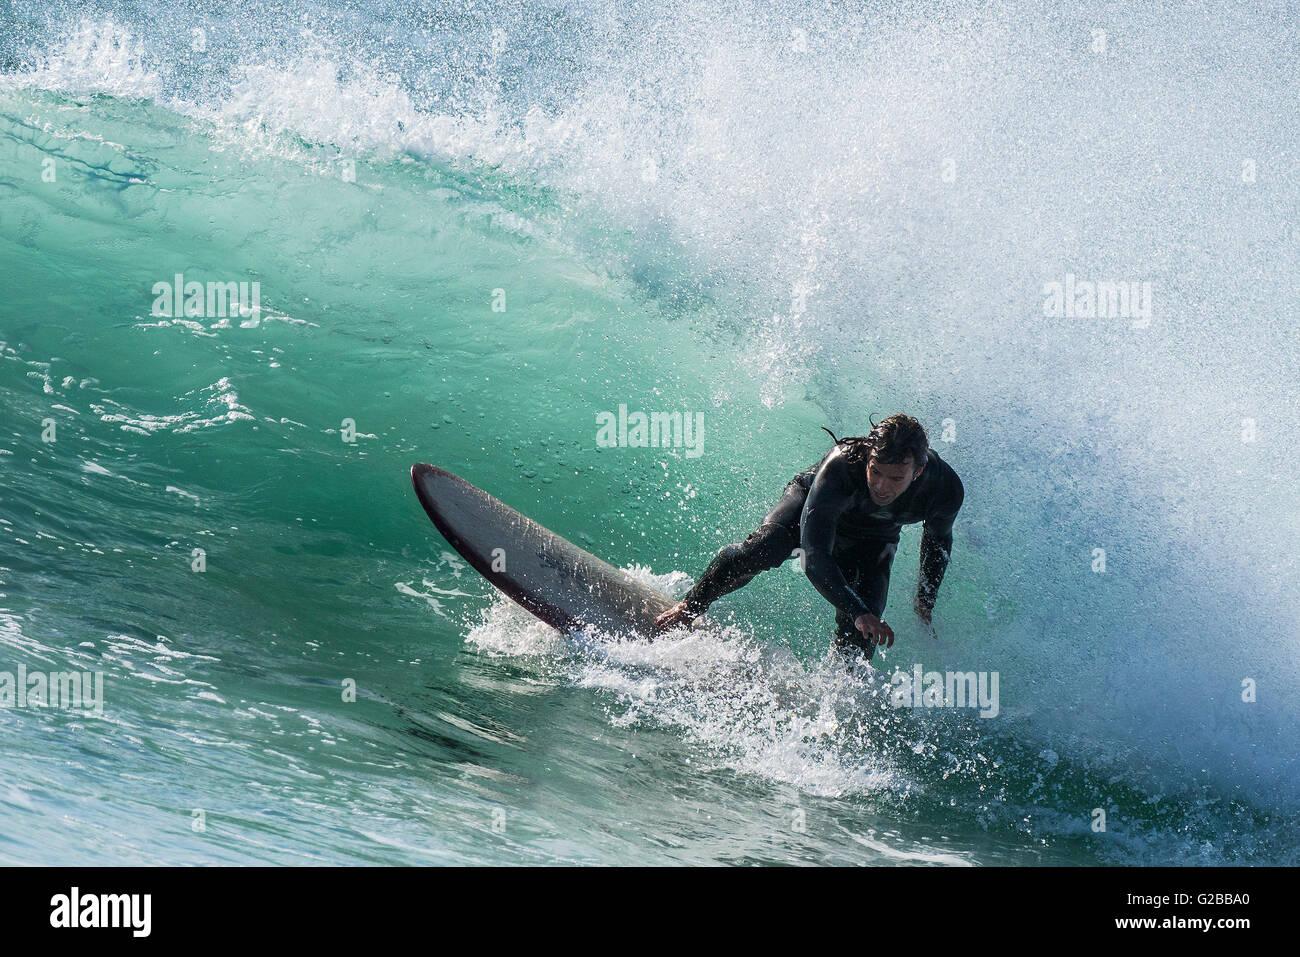 Viento crea condiciones ideales para la práctica del surf en Fistral en Newquay, Cornwall. Imagen De Stock